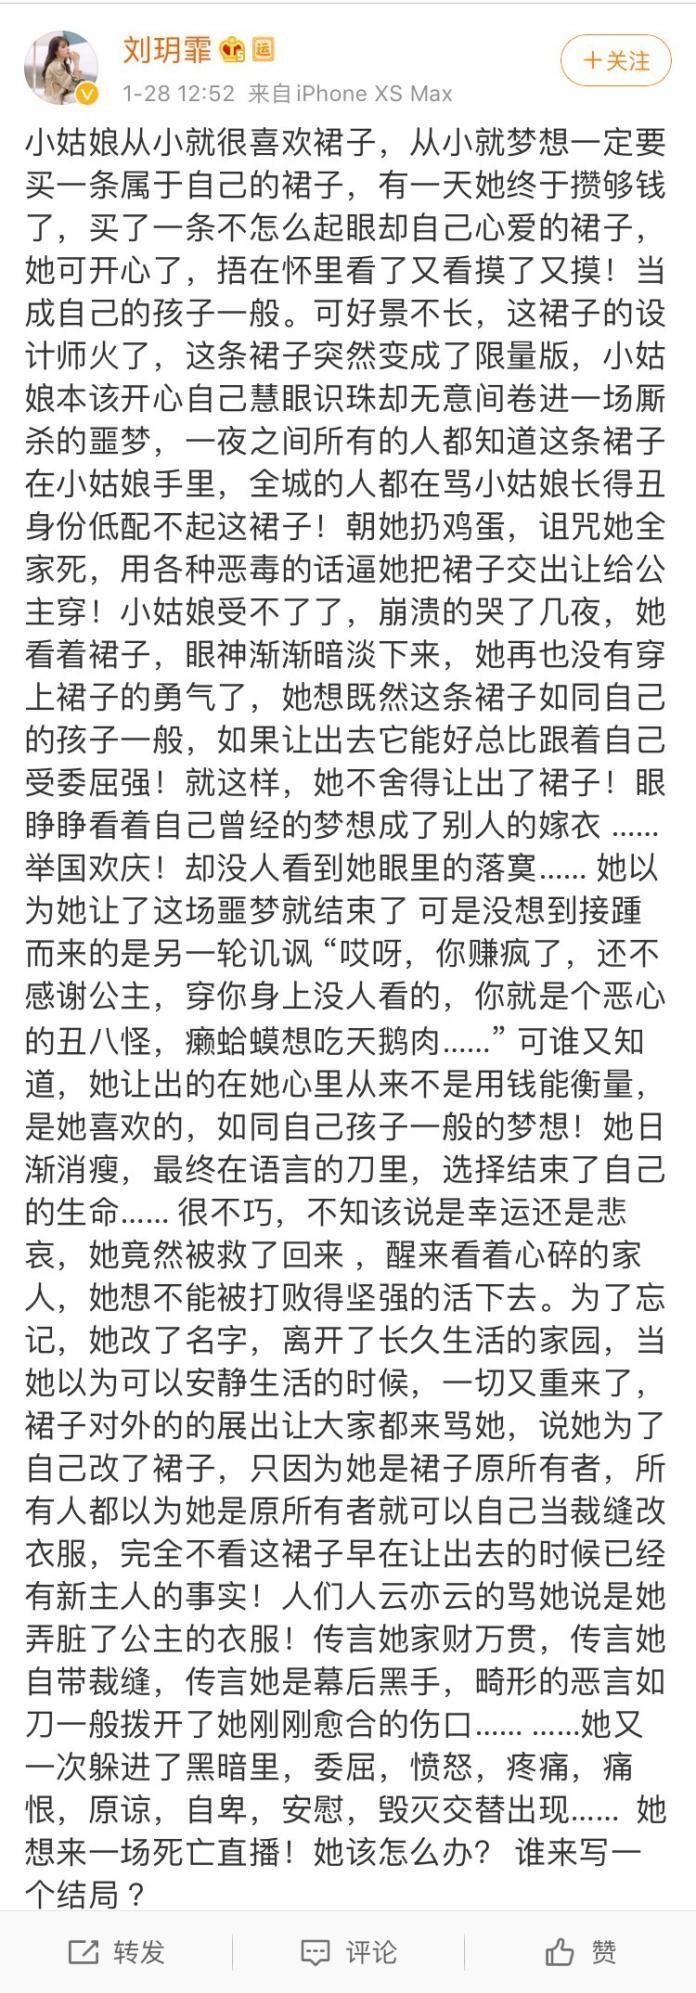 ▲劉玥霏發厭世文,令粉絲擔憂。(圖/翻攝微博)